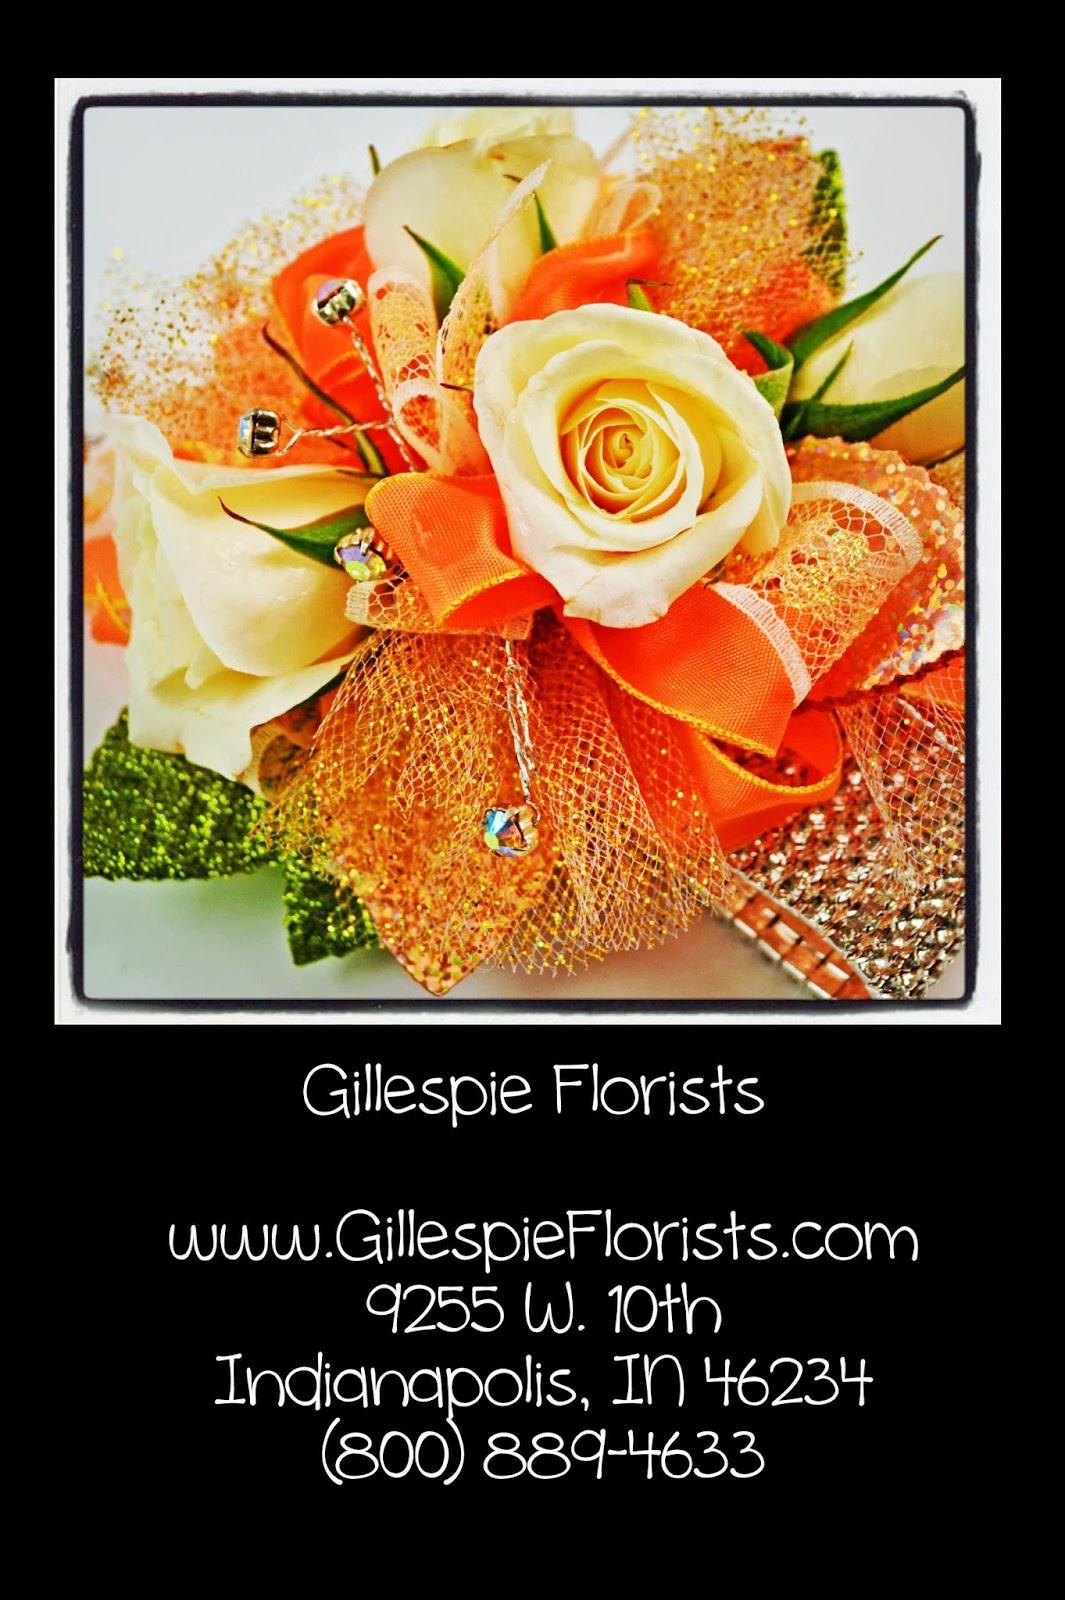 http://www.gillespieflorists.com/